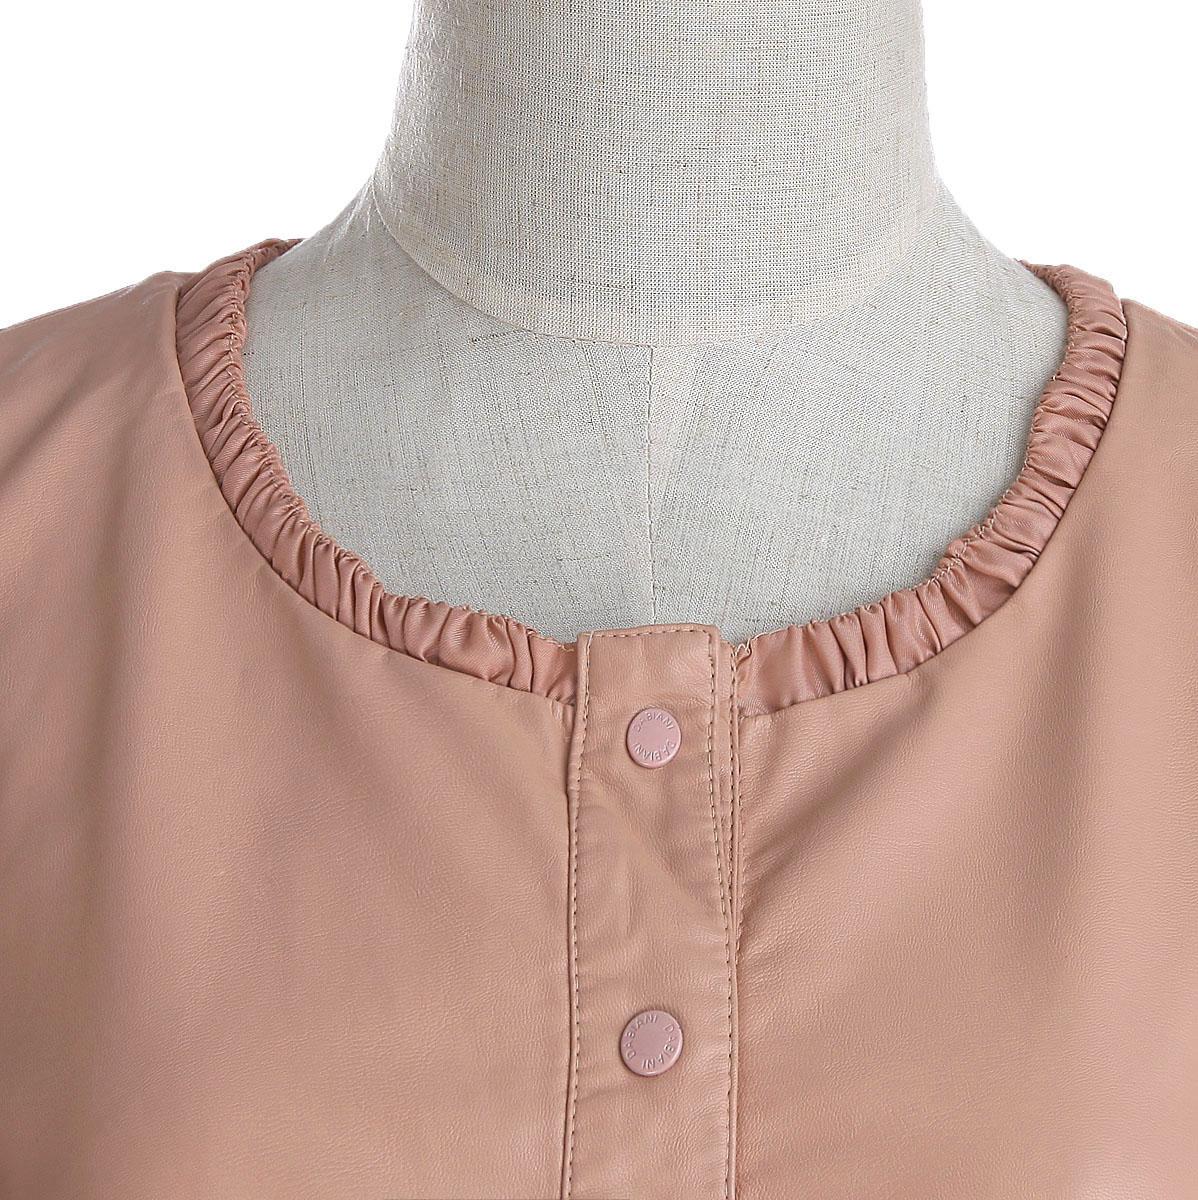 Кожаная куртка Весной и осенью новые воротника темные пряжки короткие слоеного рукава подол нерегулярные ласточкин хвост пальто куртки Pu кожа